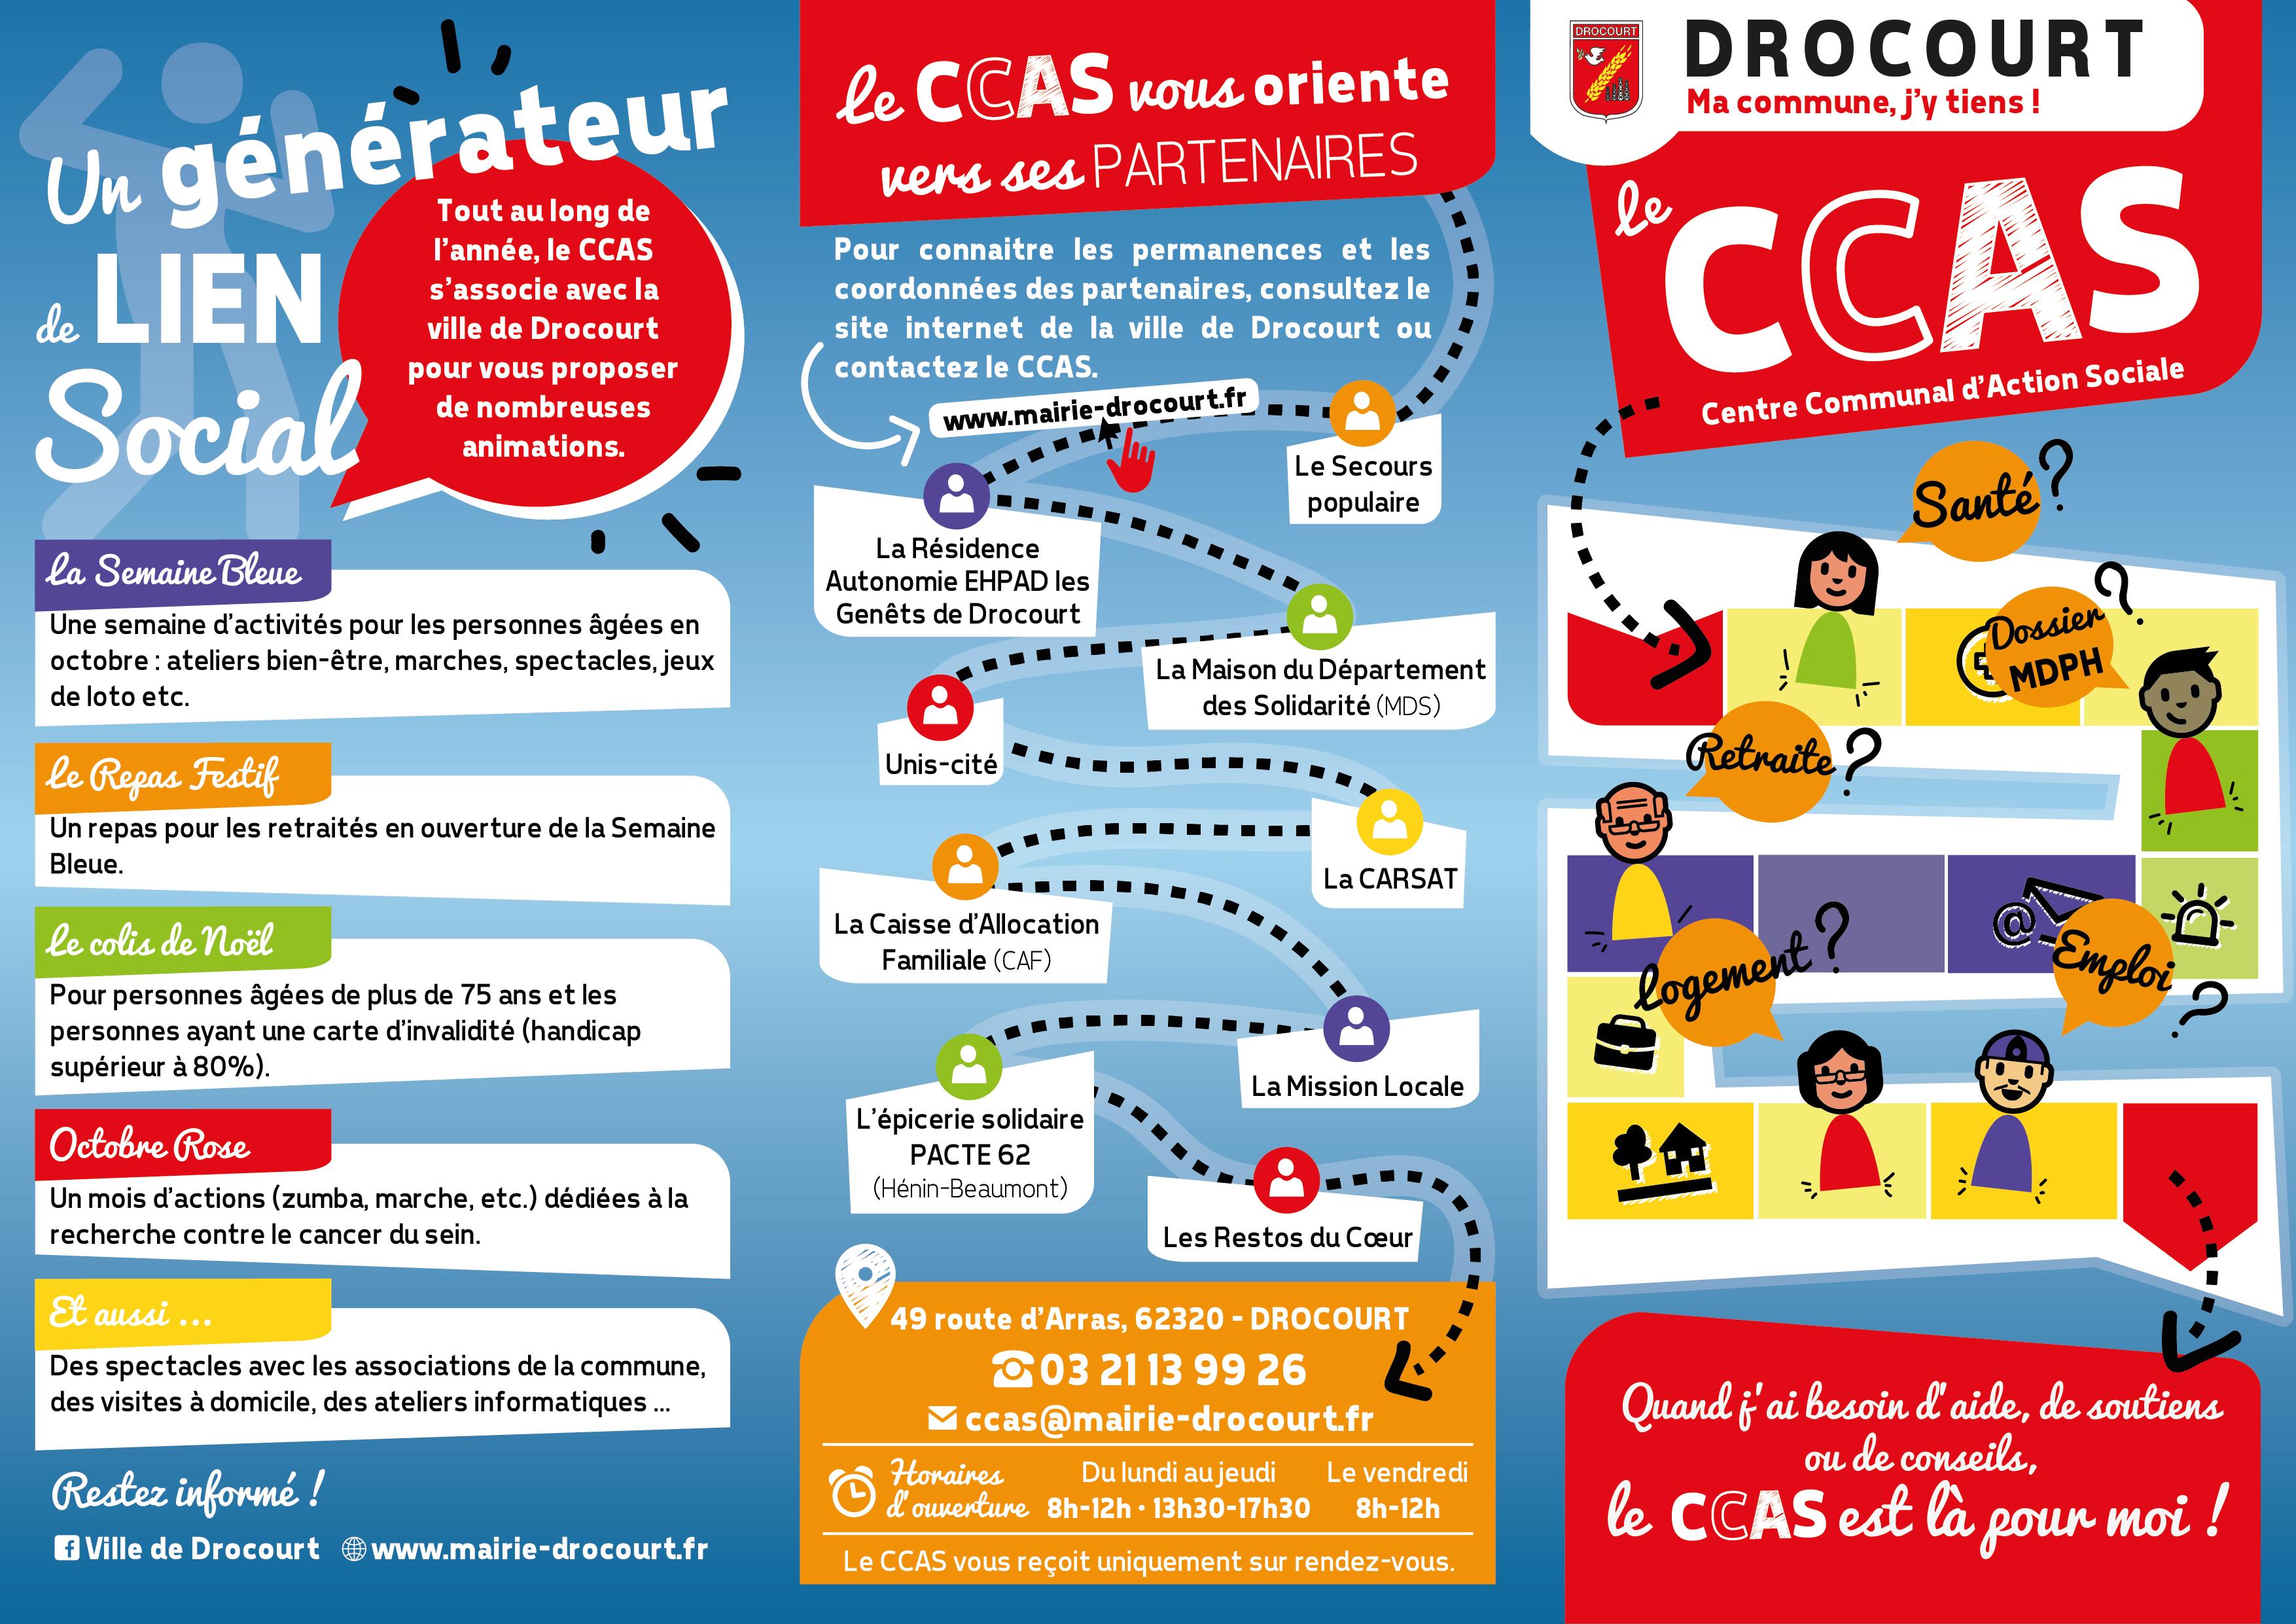 CCAS_Drocourt_flyer_recto.png